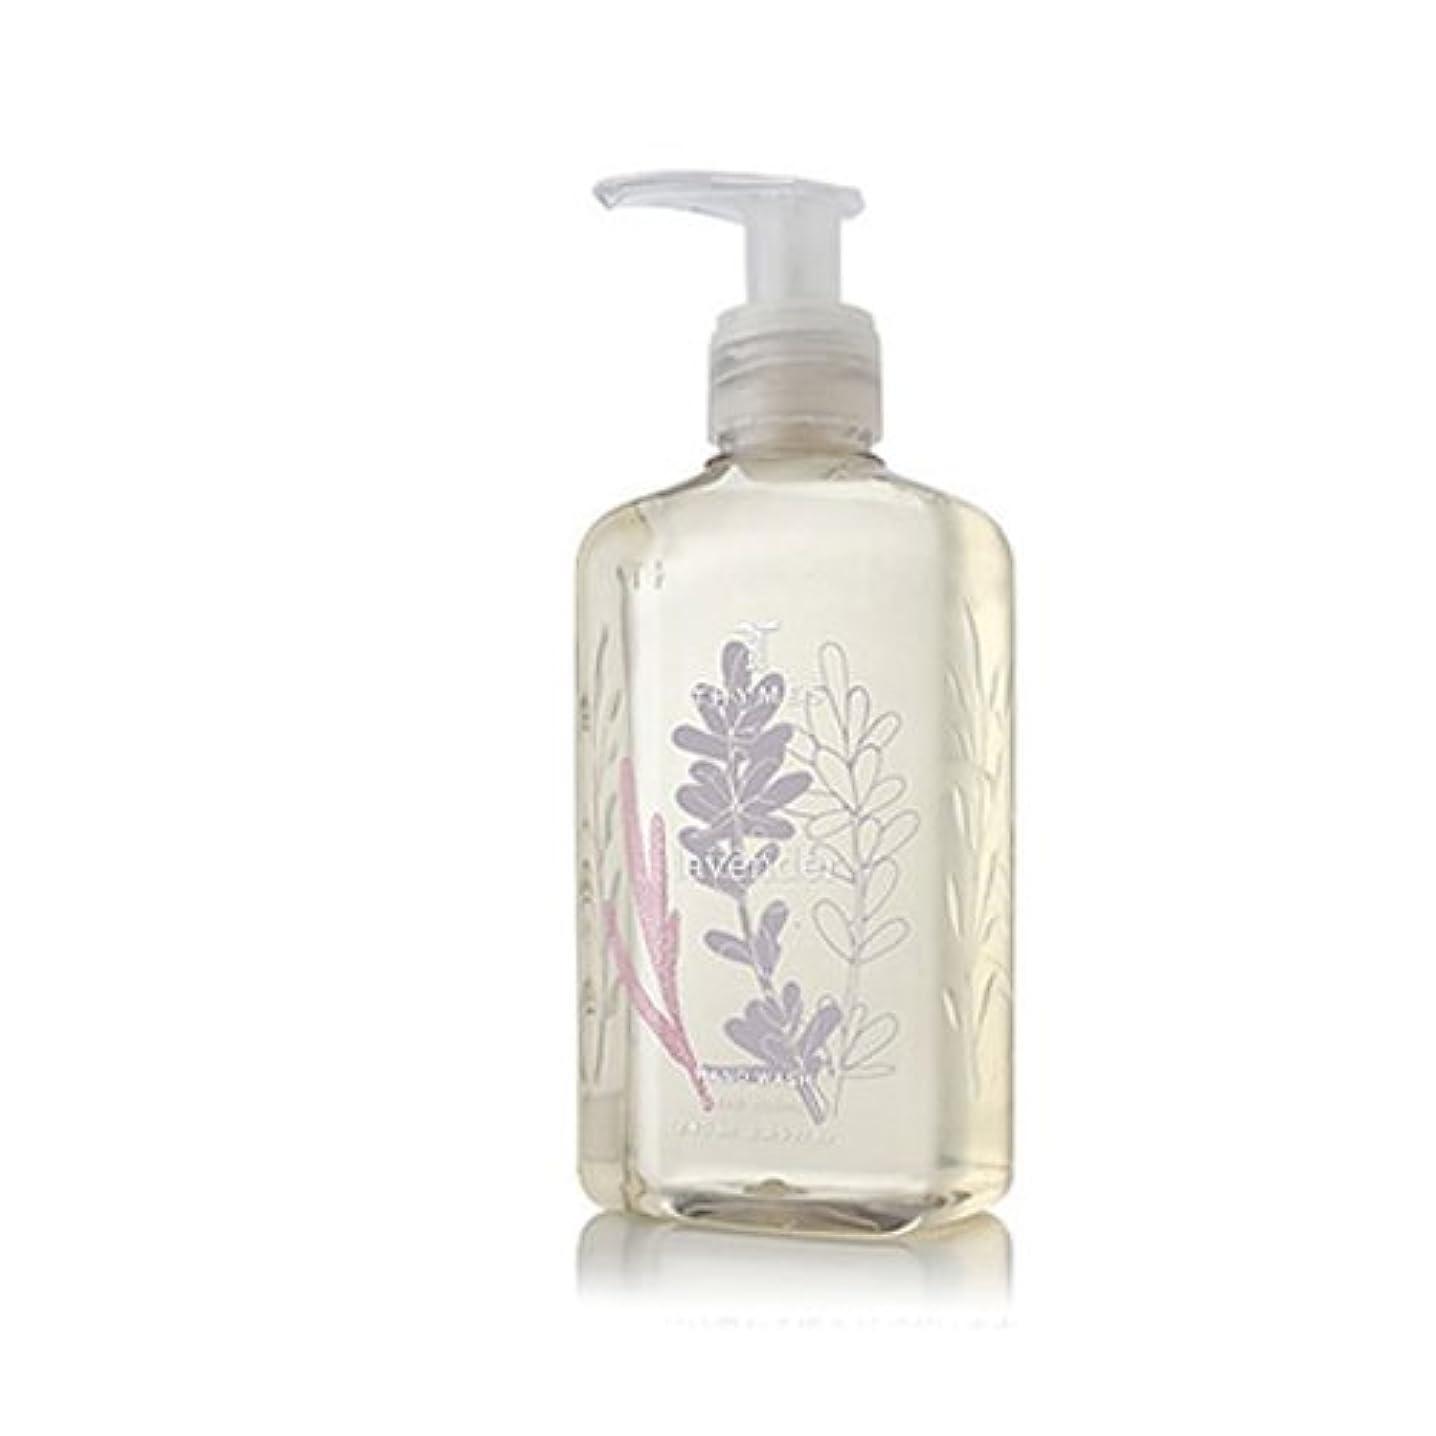 アプト小説ペルメルTHYMES タイムズ ハンドウォッシュ 240ml ラベンダー Hand Wash 8.25 fl oz Lavender [並行輸入品]